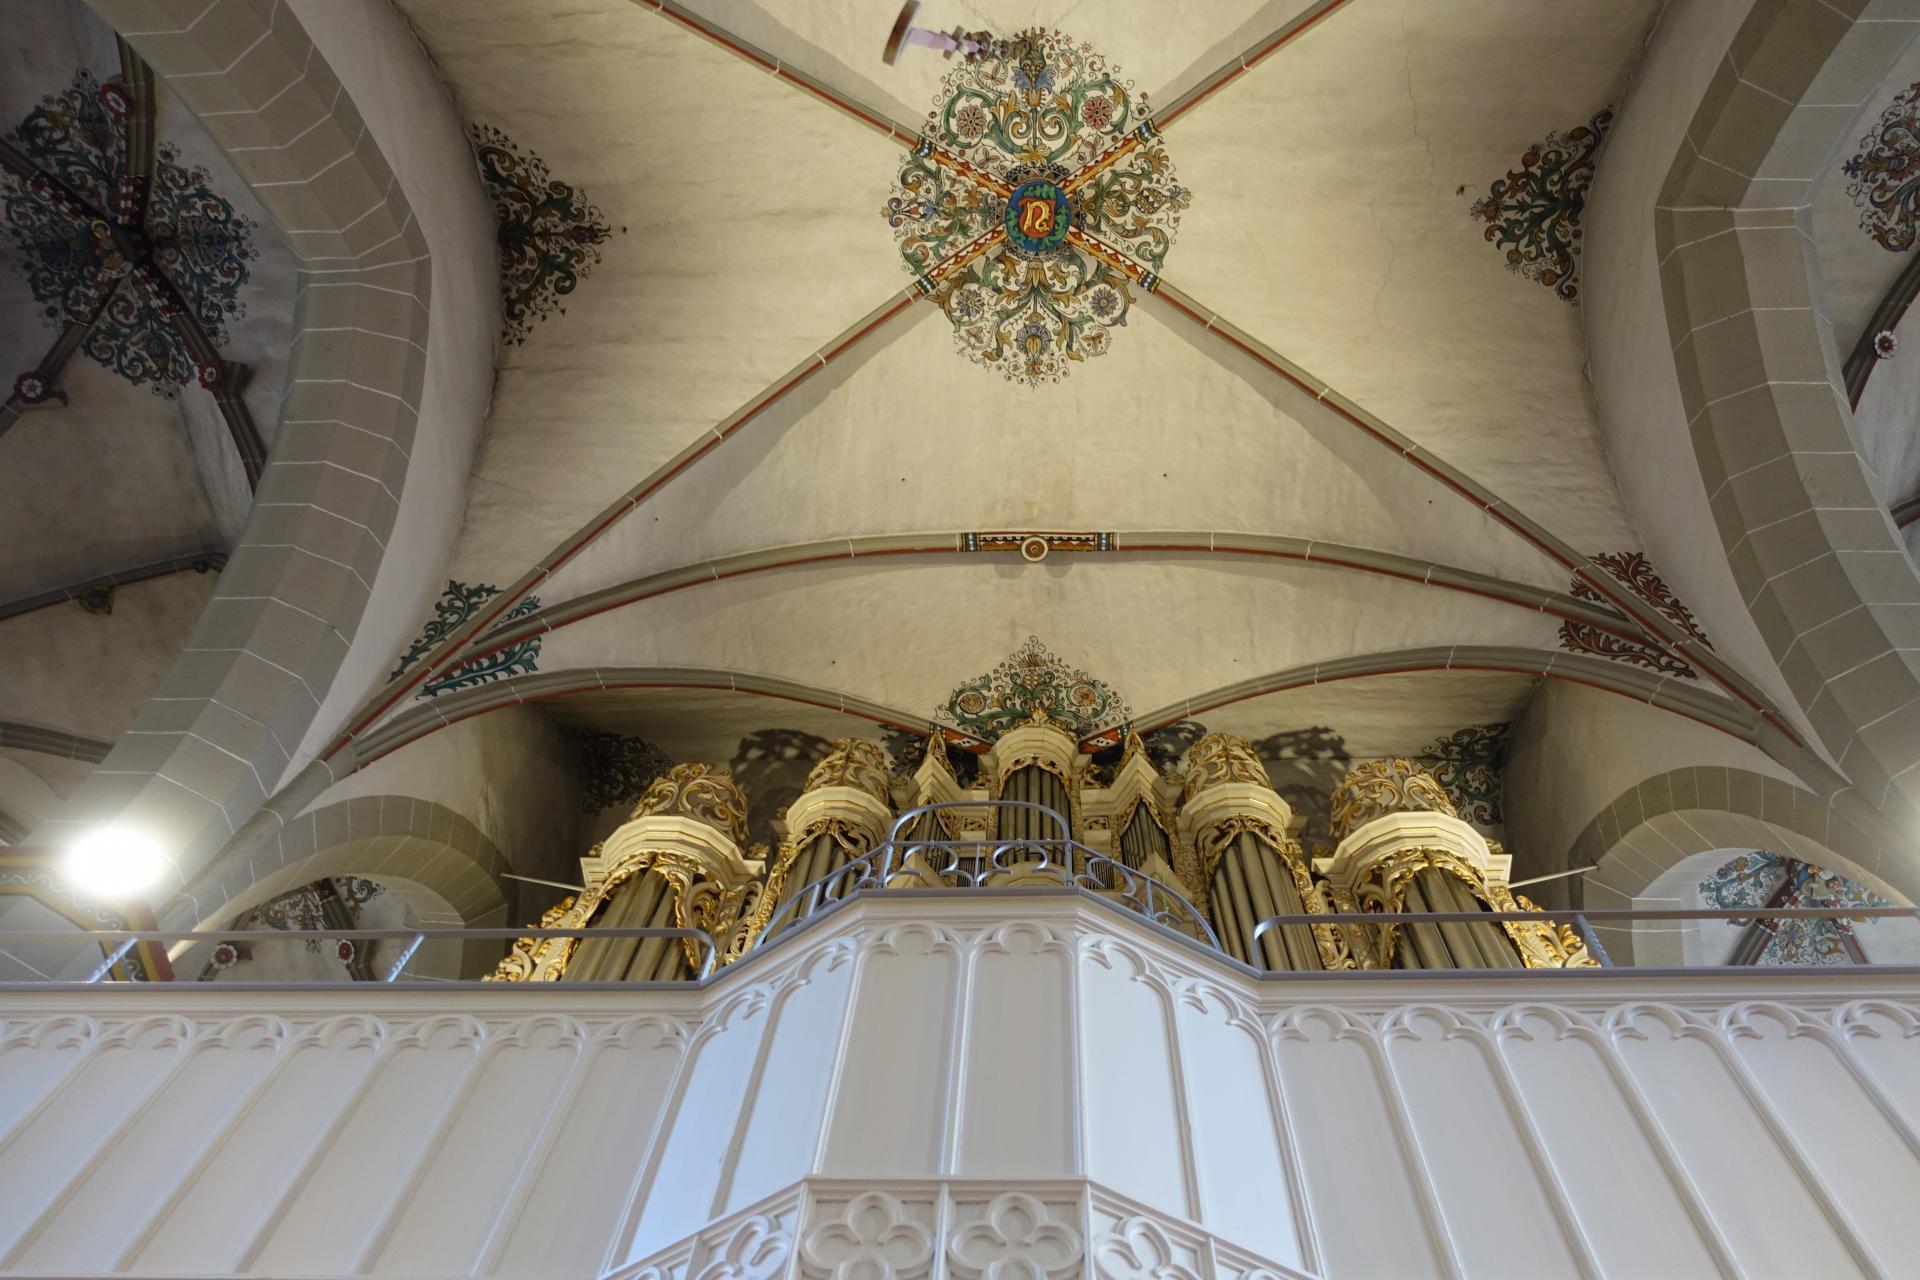 Blick nach oben zur Orgel und zur Decke - die Beleuchtung für die Orgelempore ist bewusst noch nicht erfolgt- evtl. im Rahmen der Orgelrestaurierung.